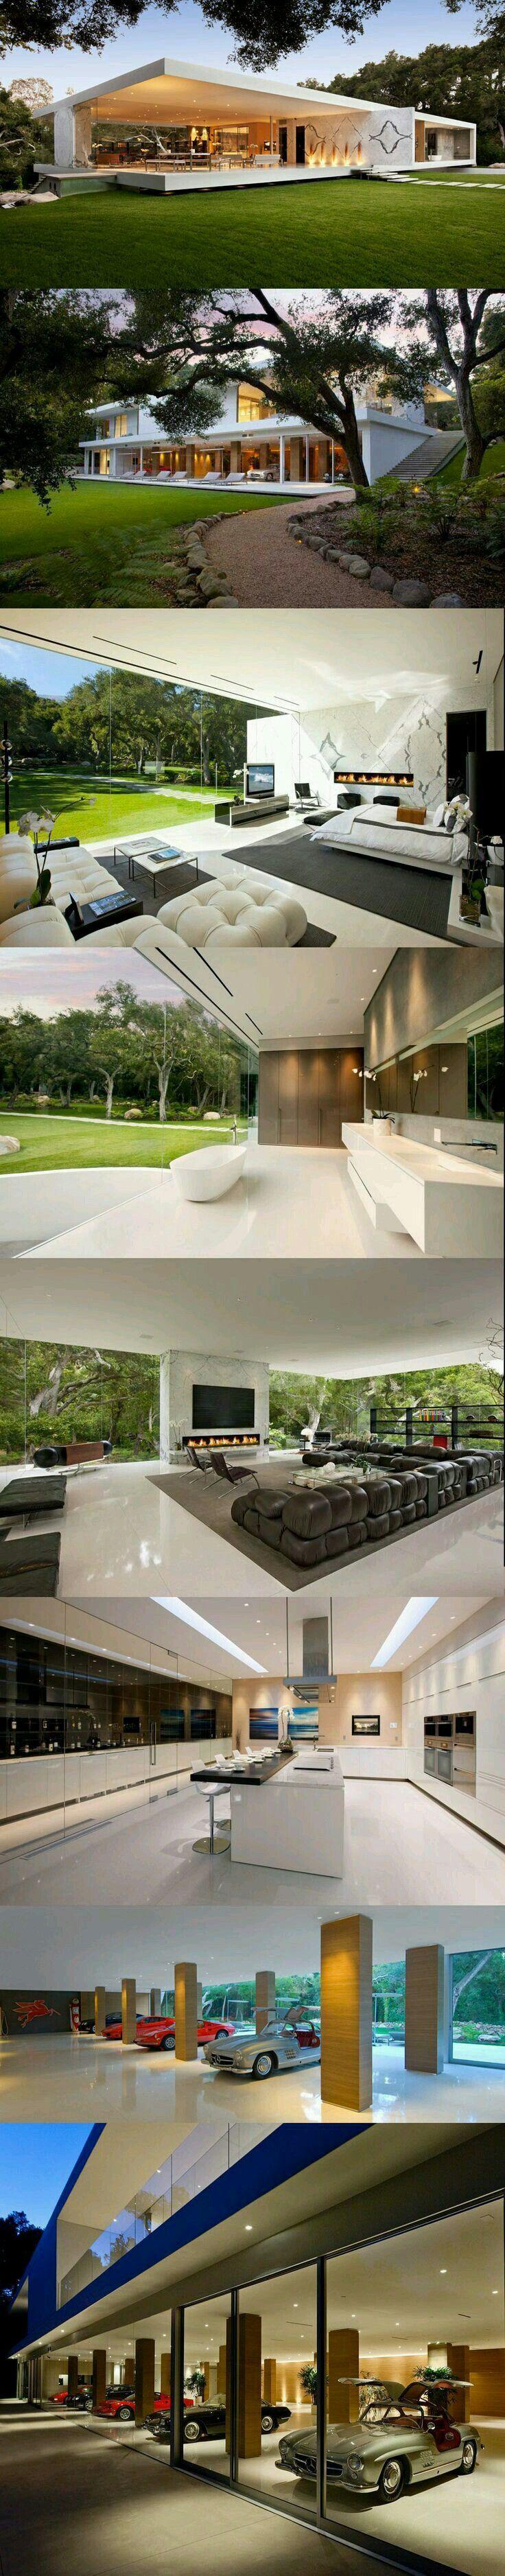 152 besten architecture Bilder auf Pinterest | Moderne häuser ...